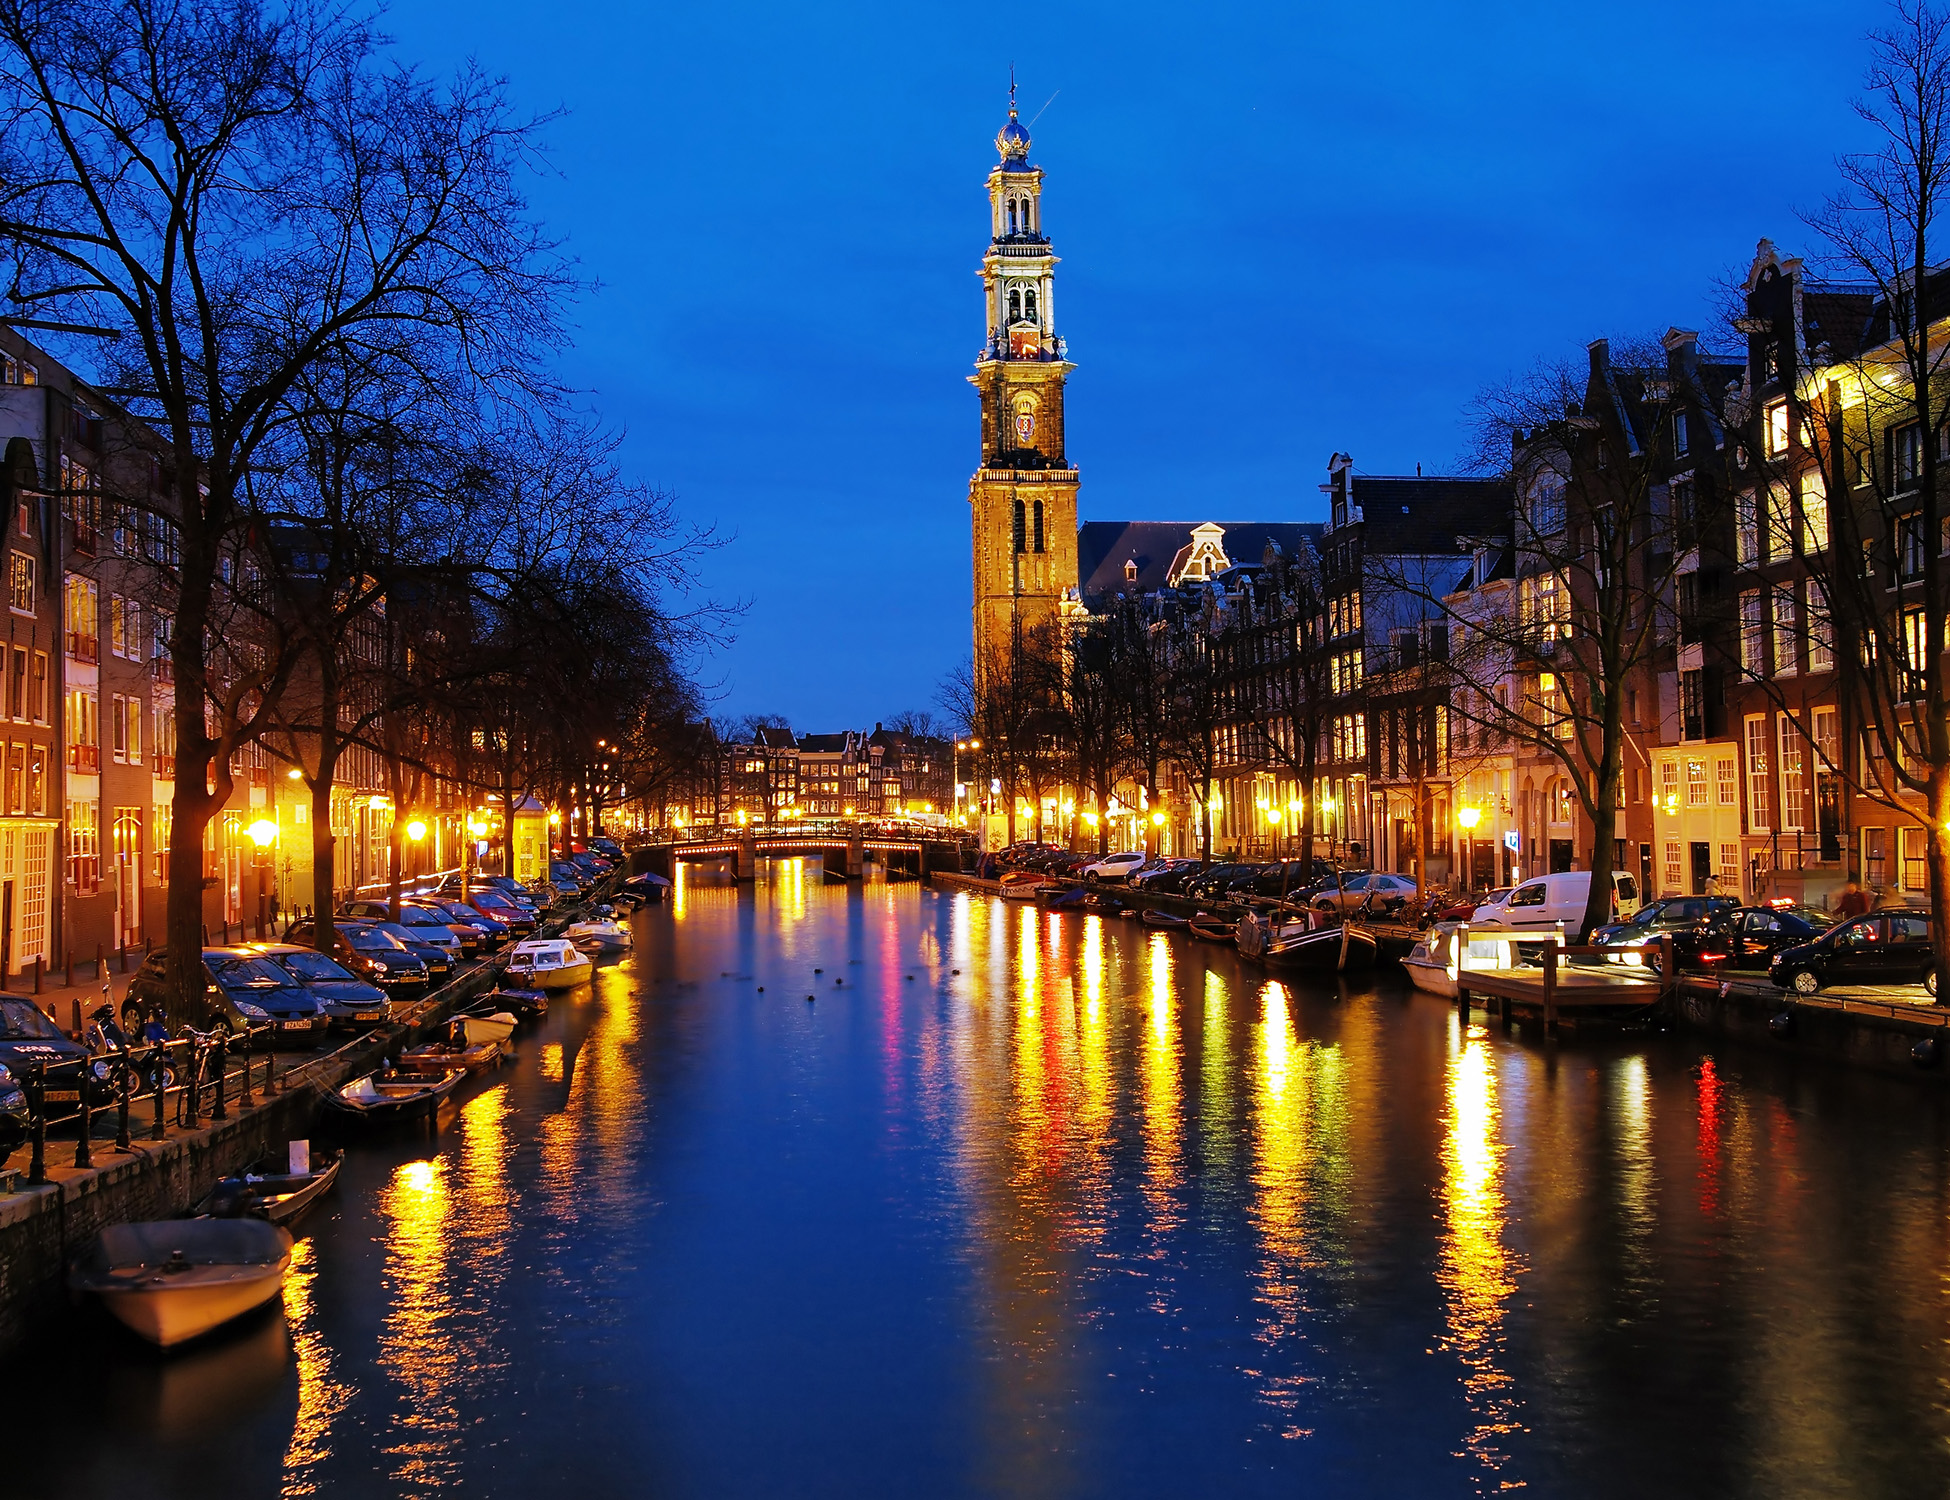 Amsterdam Im Winter Bei Nacht Urlaubsschn 228 Ppchen Und